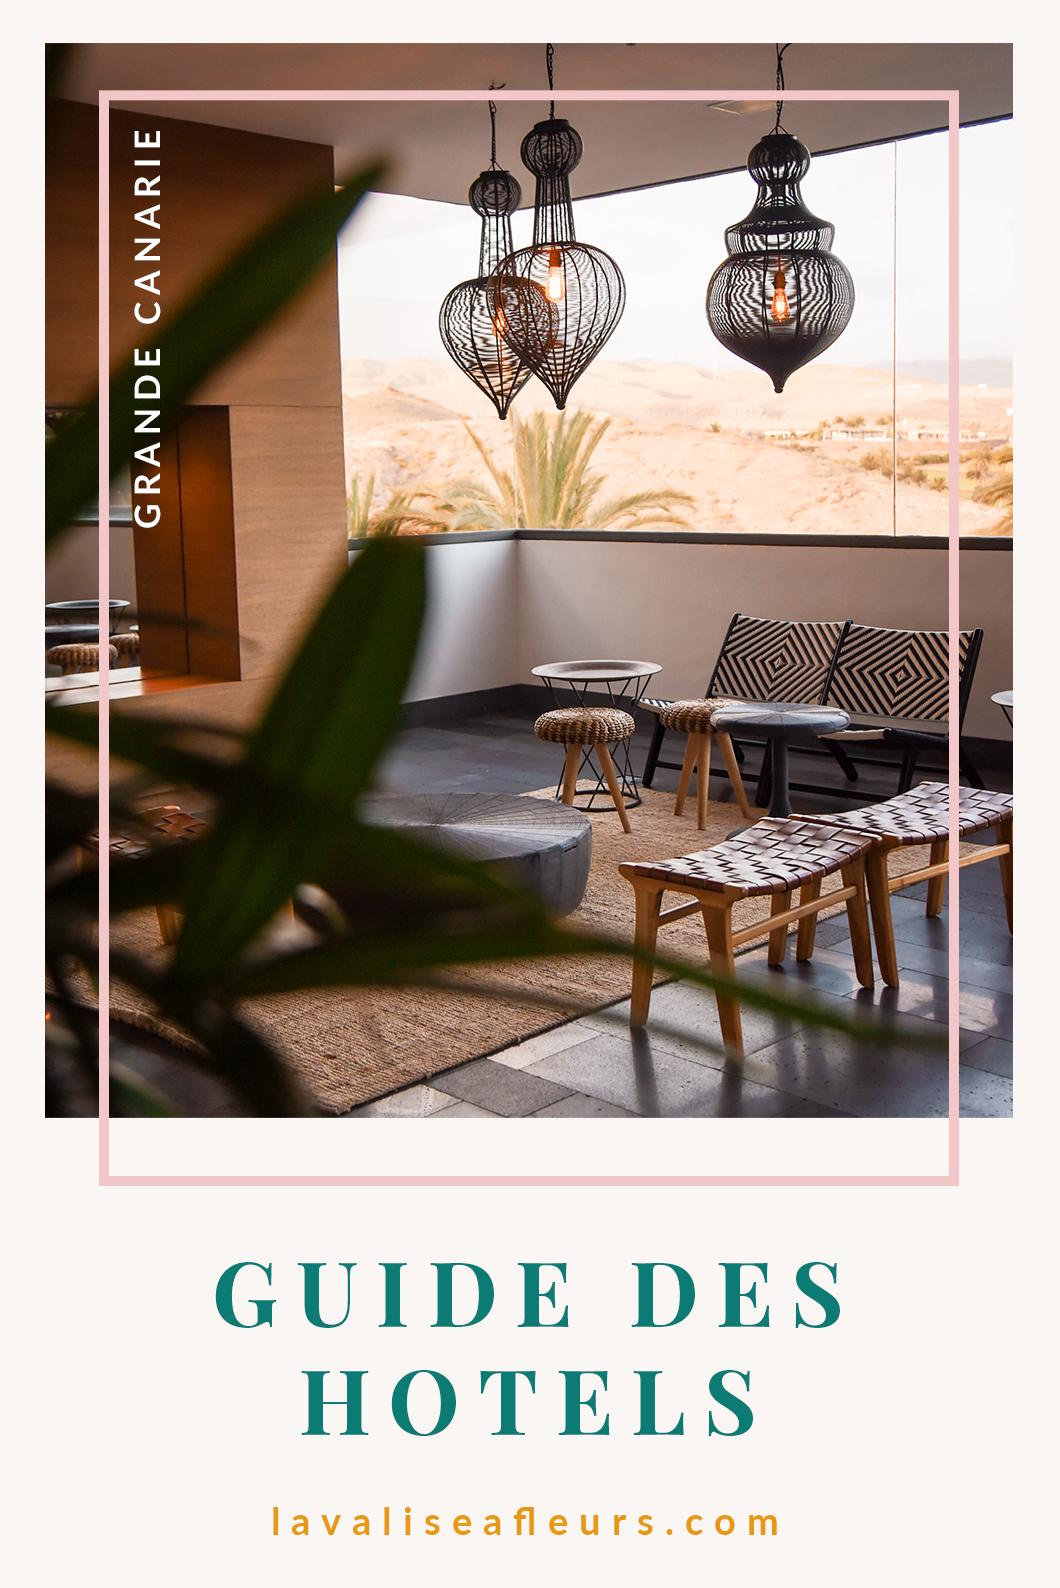 Guide des hotels à Grande Canarie